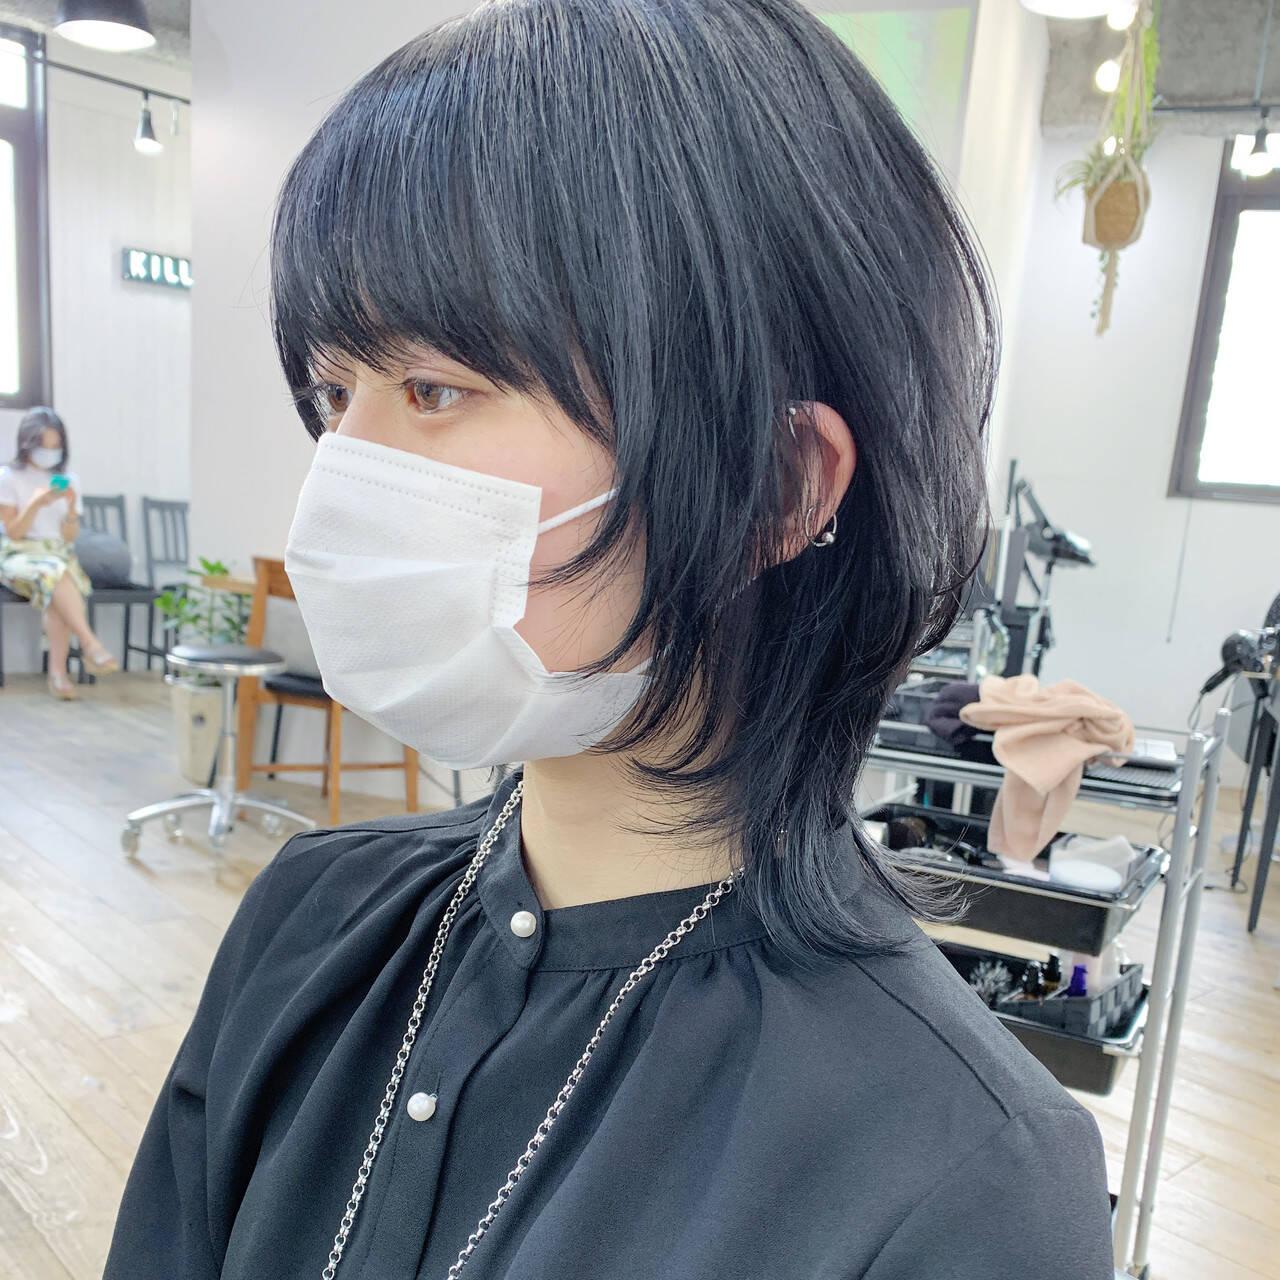 モード ミディアム ショートヘア インナーカラーヘアスタイルや髪型の写真・画像